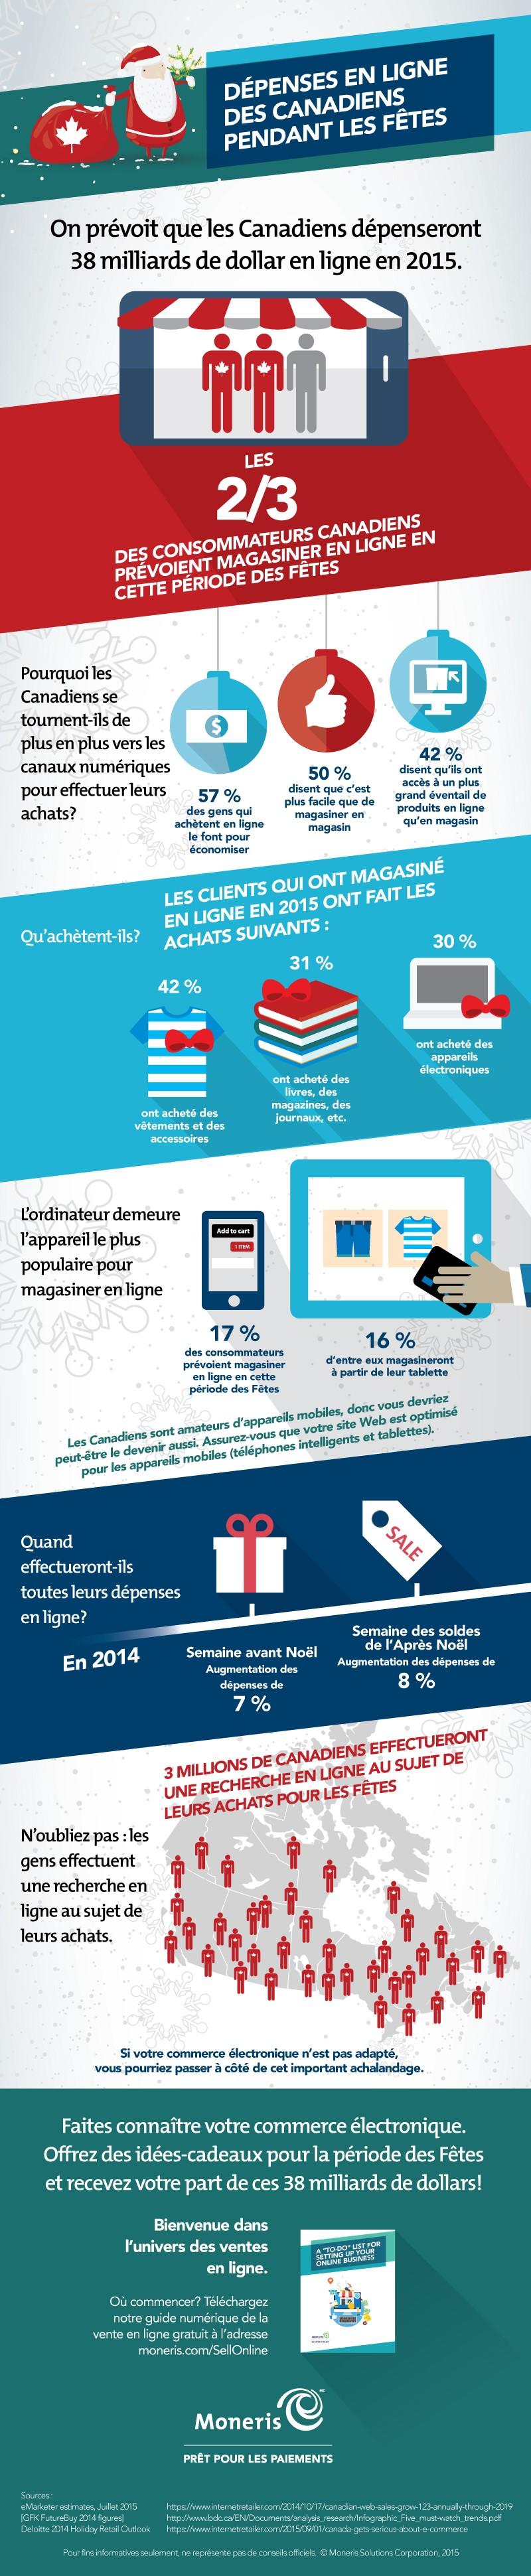 depenses-en-ligne-canadiens-infographique